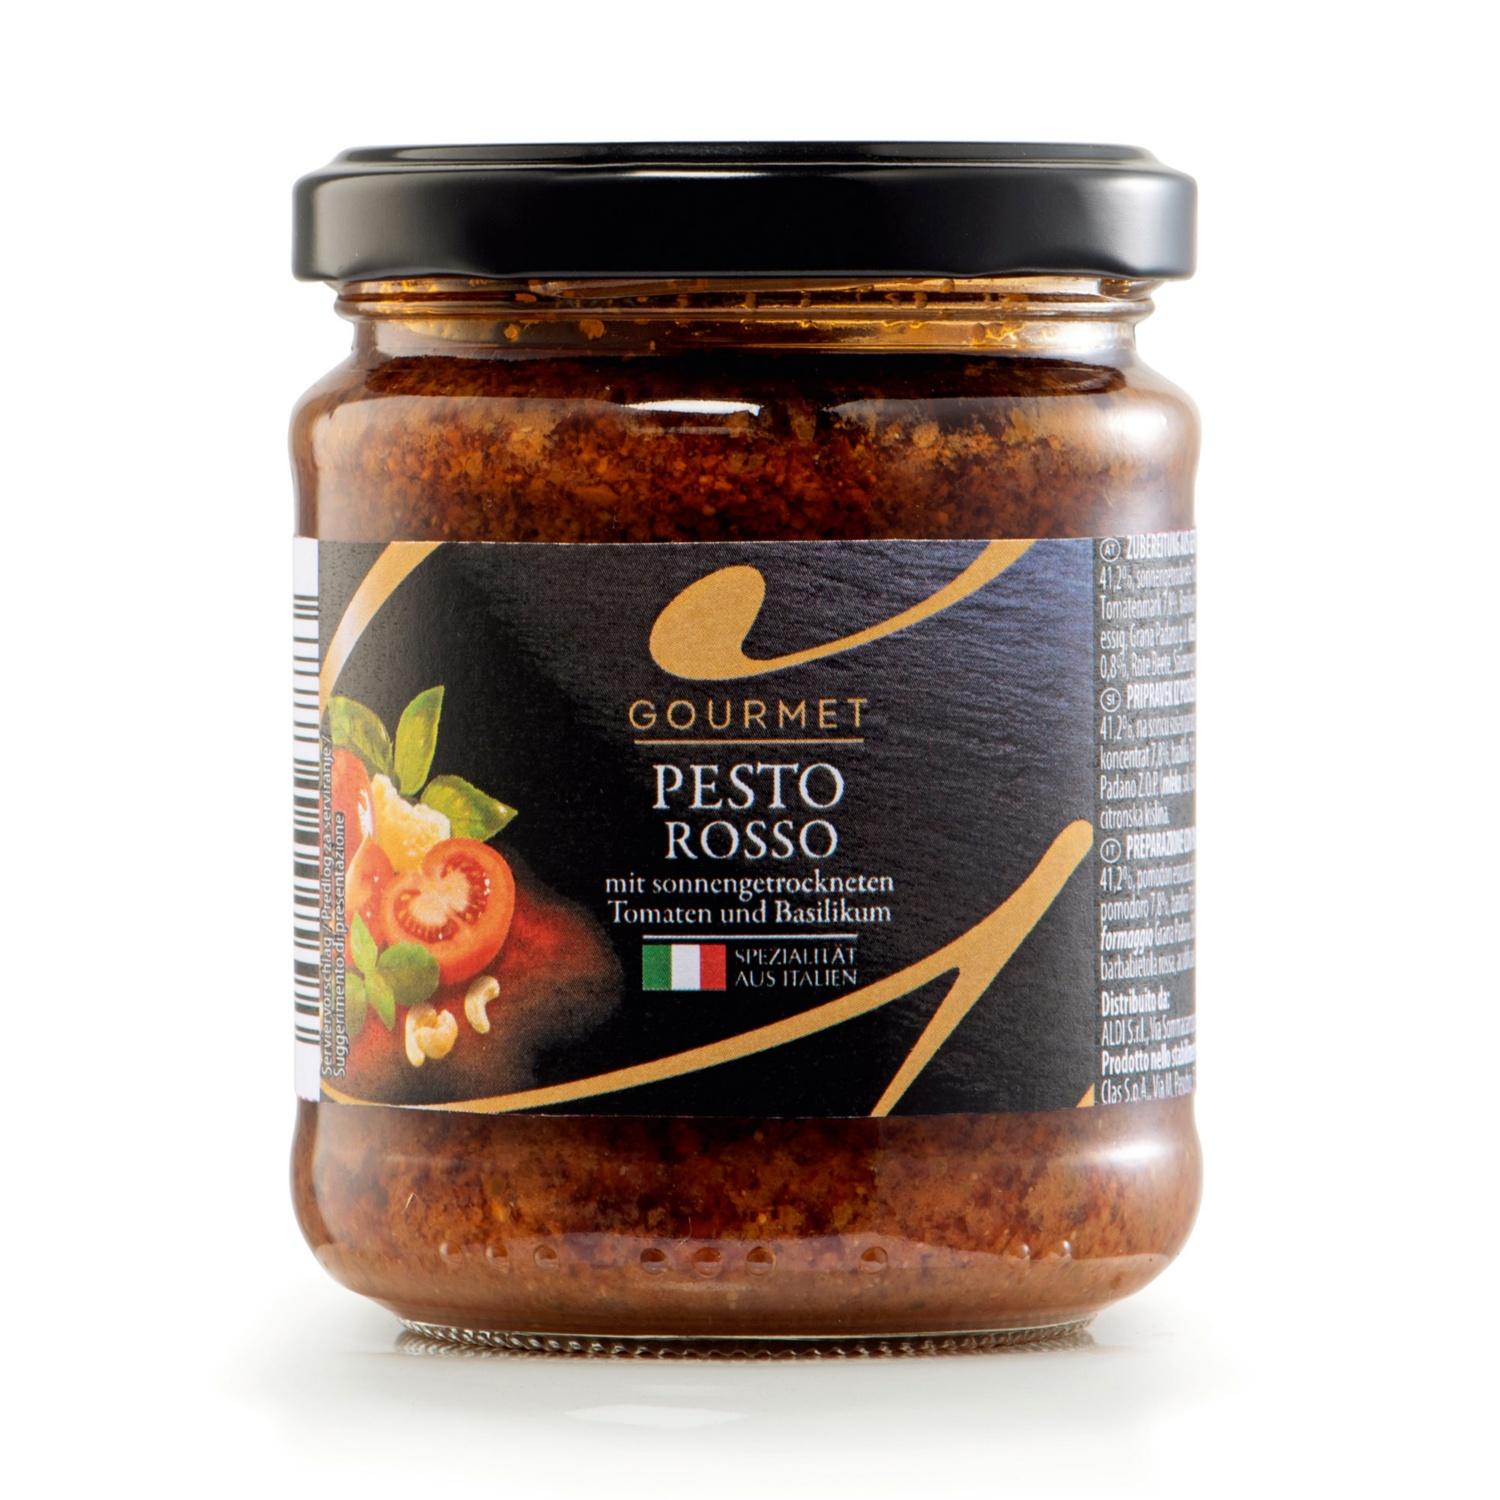 GOURMET Premium Pesto, Rosso